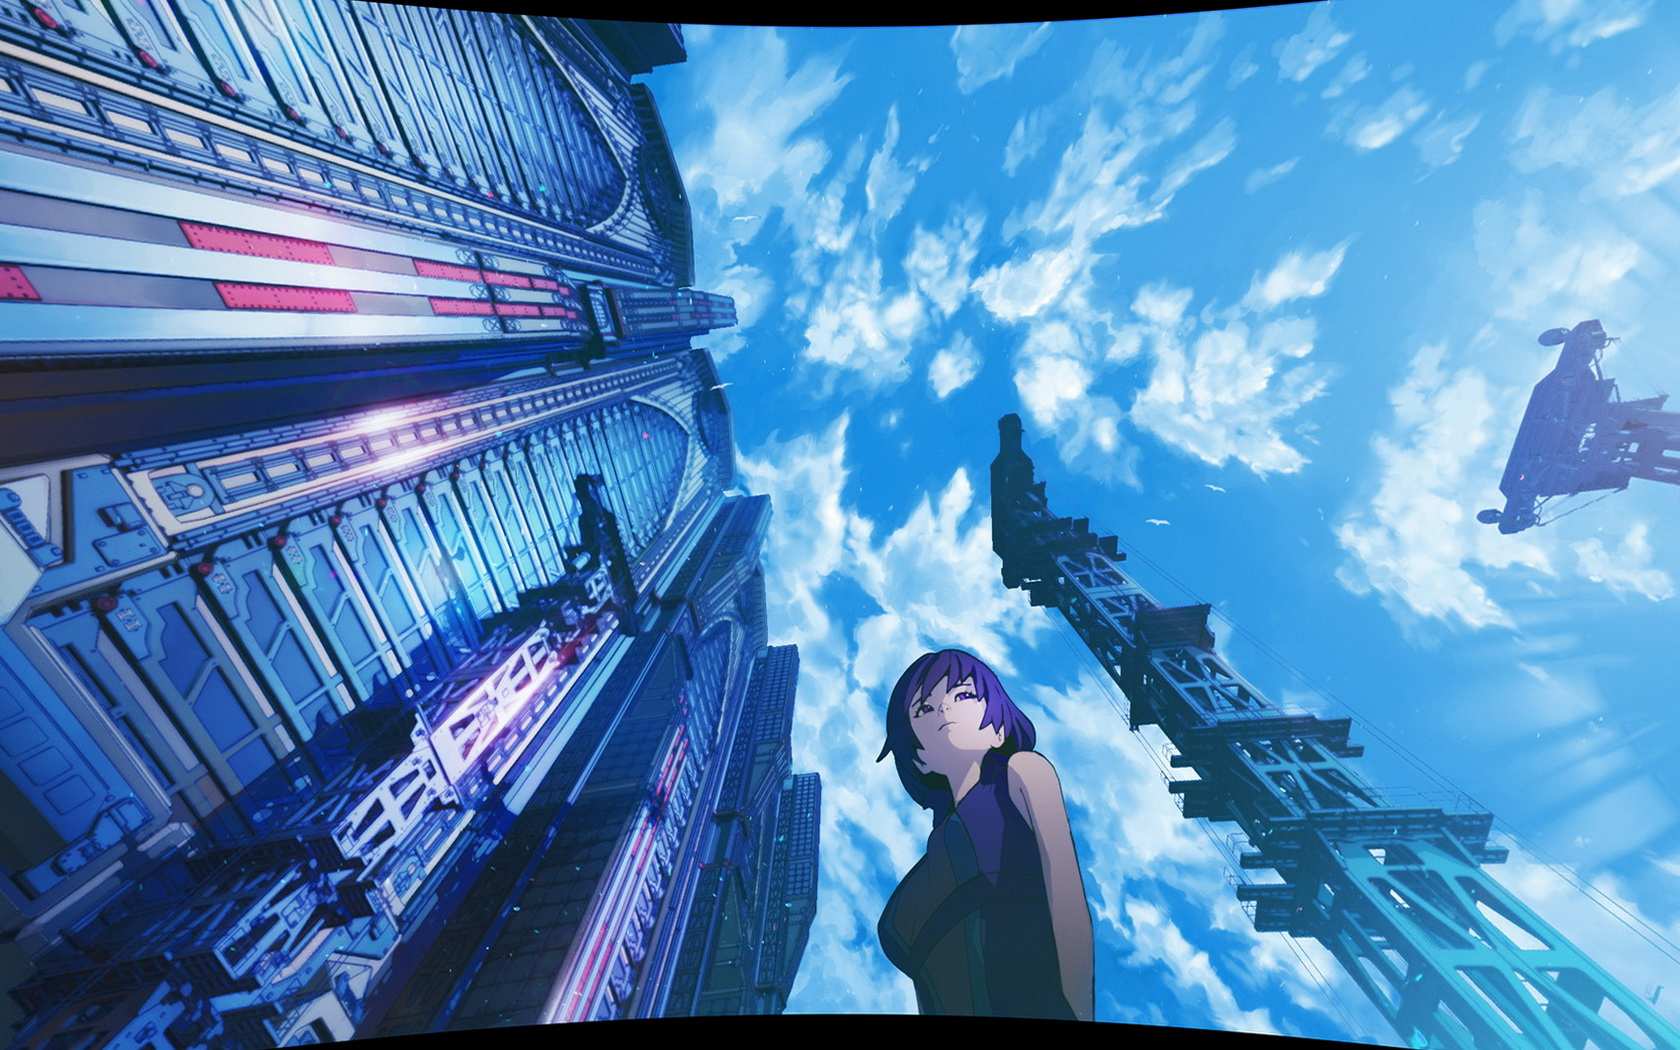 beautiful anime wallpaper wallpapersafari